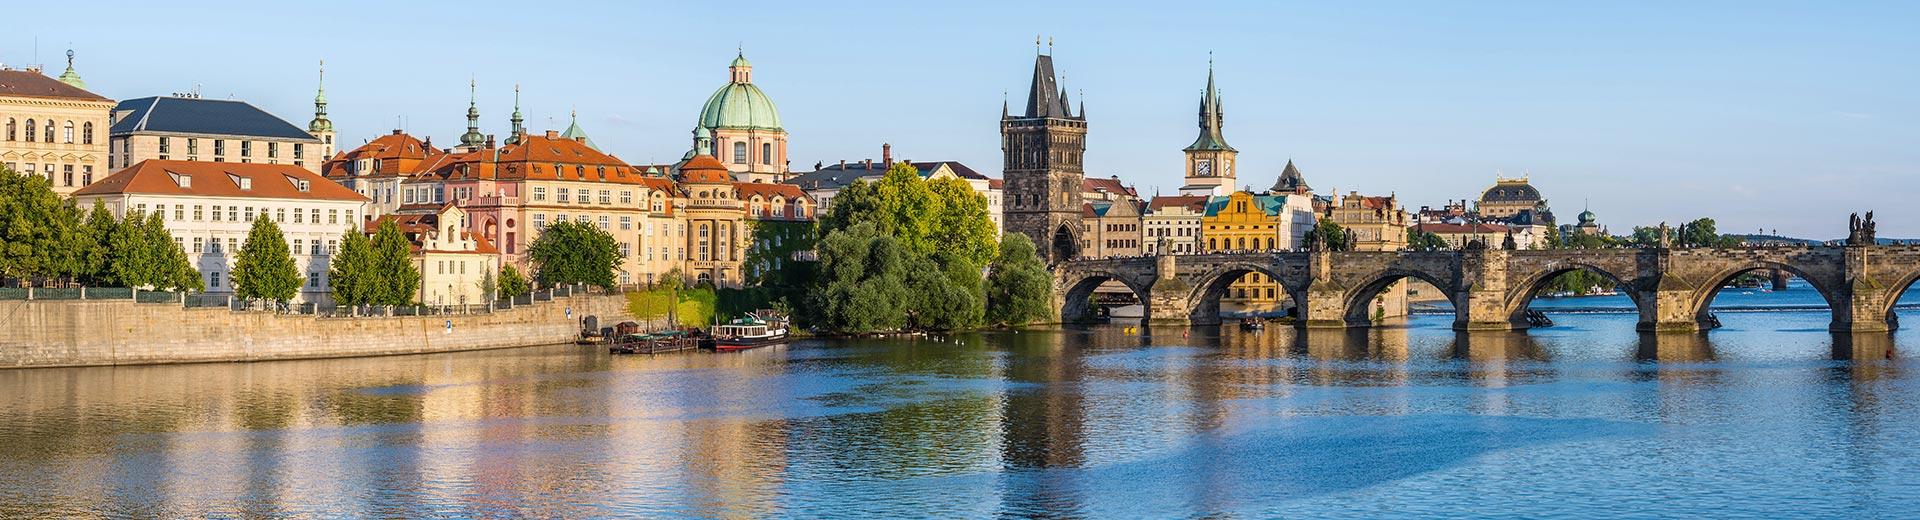 Gruppenreise Prag - Package Gruppen Budget Bahn